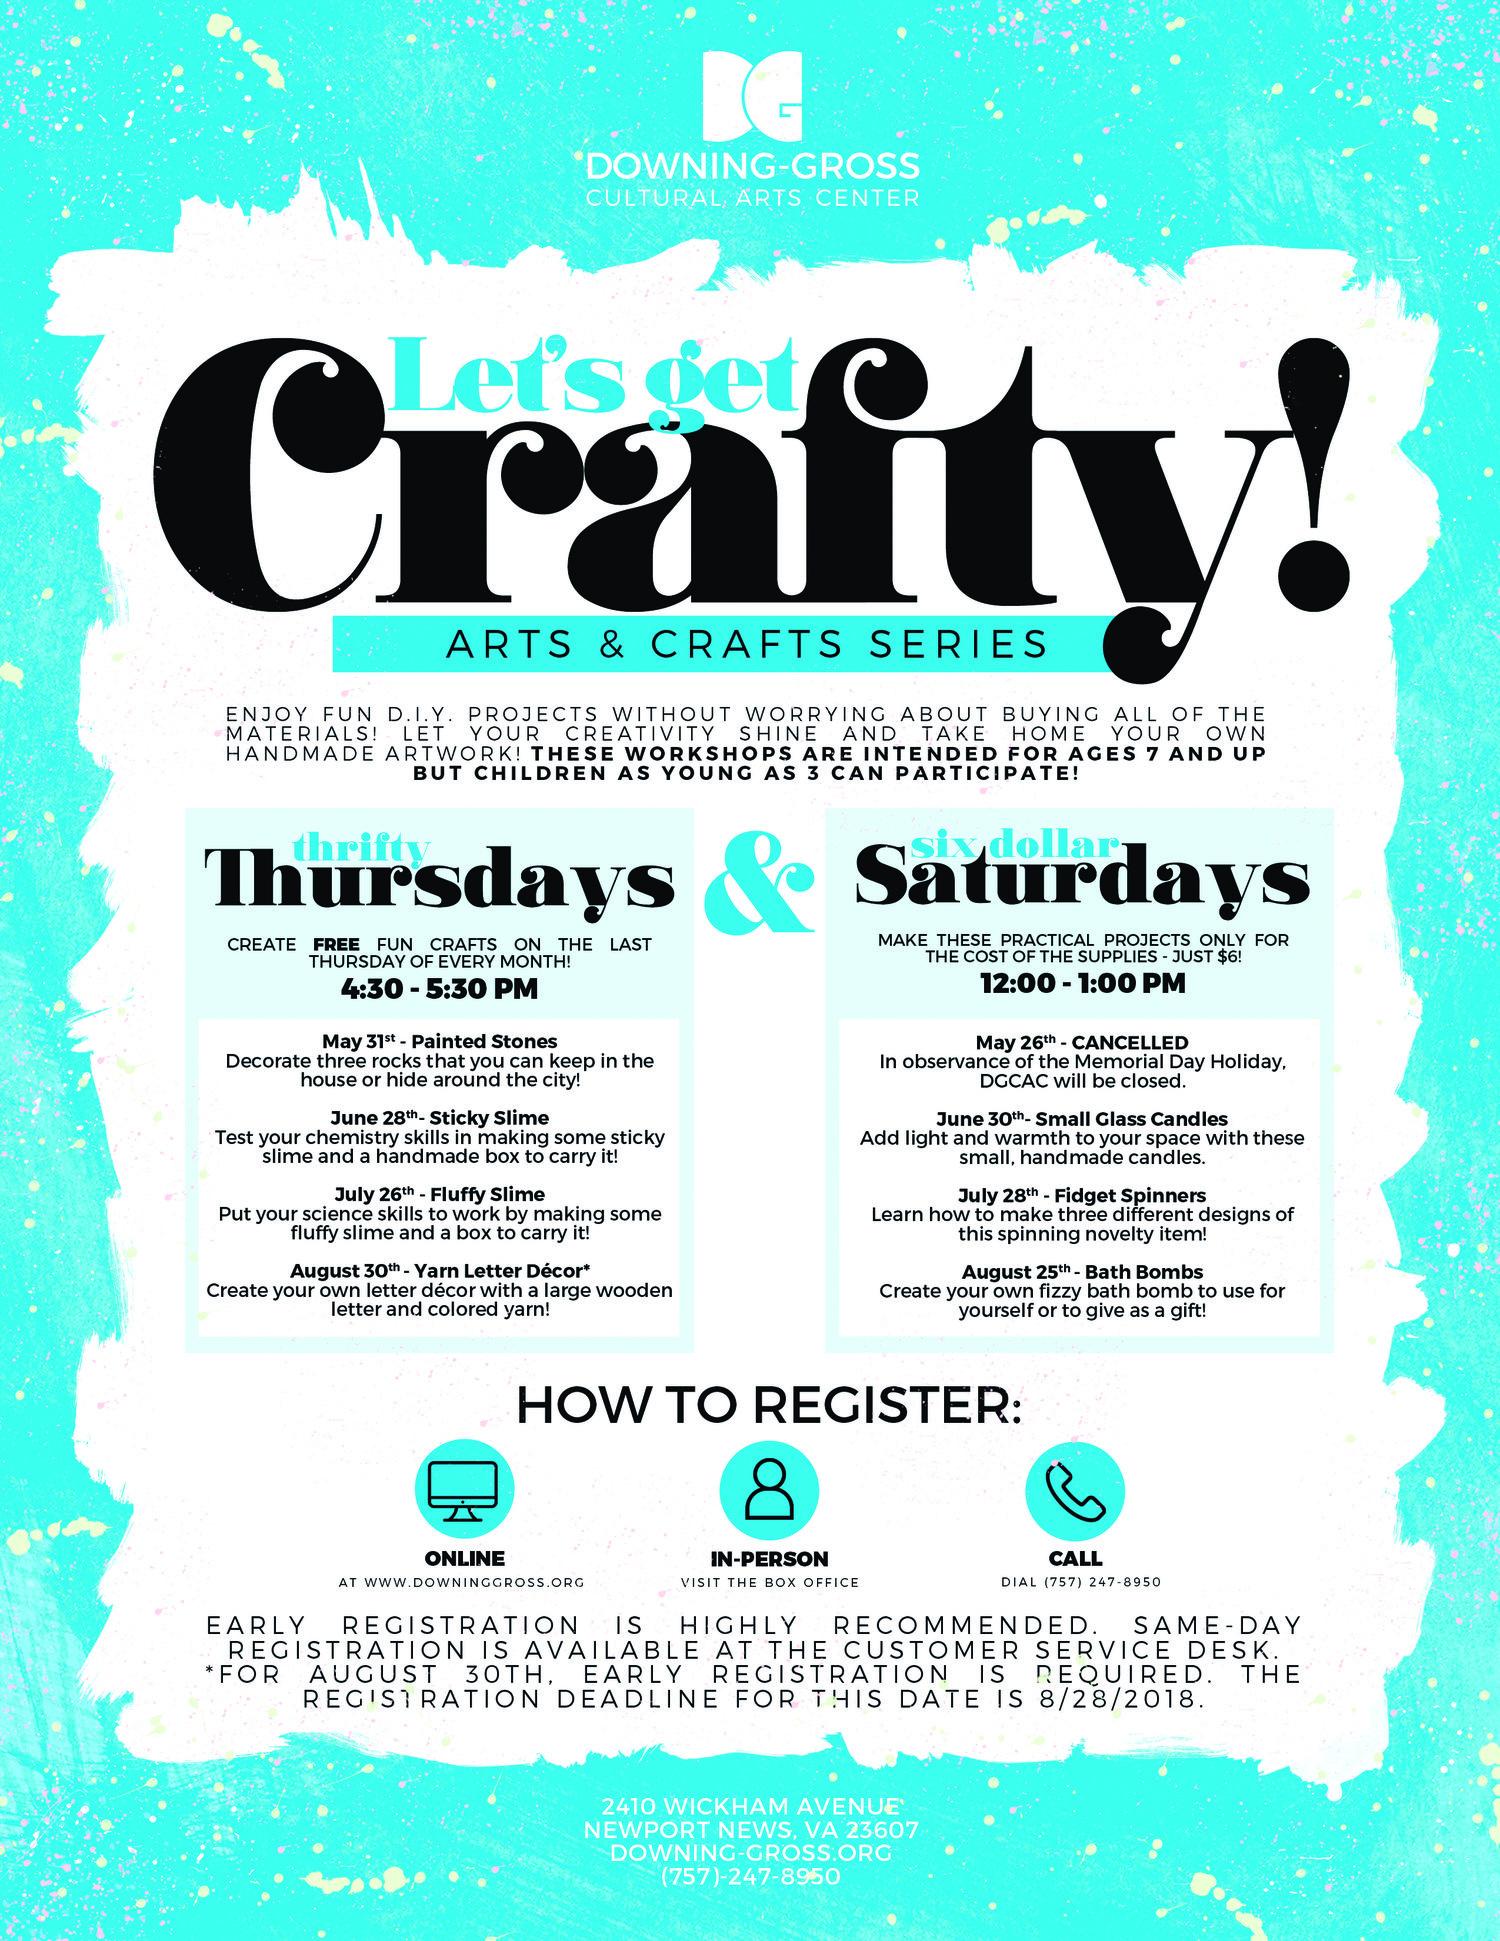 Six Dollar Saturday Let S Get Crafty Arts N Craft Workshop